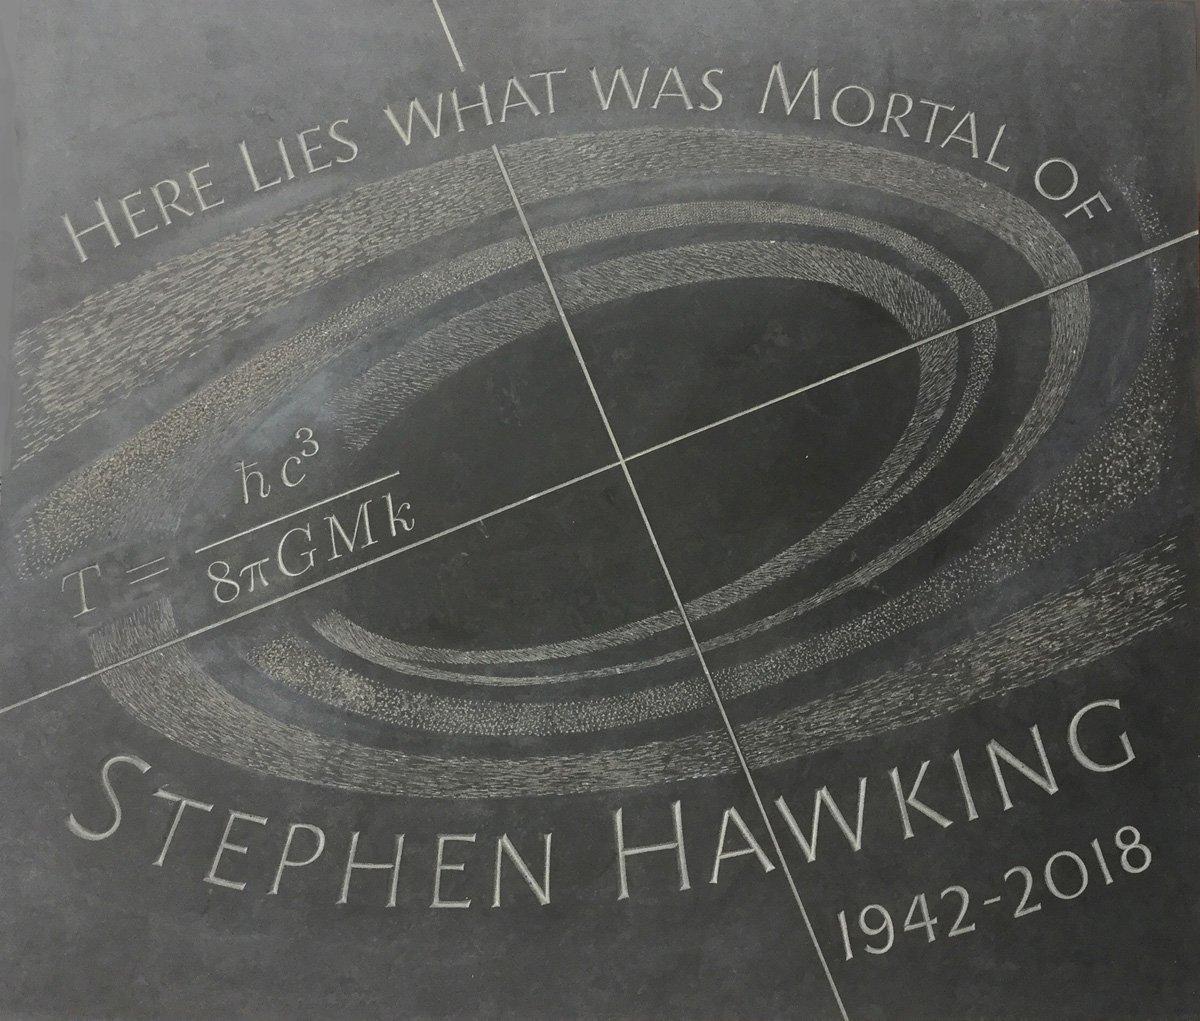 Londra, parata di scienziati e celebrità a @wabbey per la veglia in ricordo di #StephenHawking. Riposerà tra Newton e Darwin. Sulla tomba incisa la sua equazione più celebre, quella che descrive l\